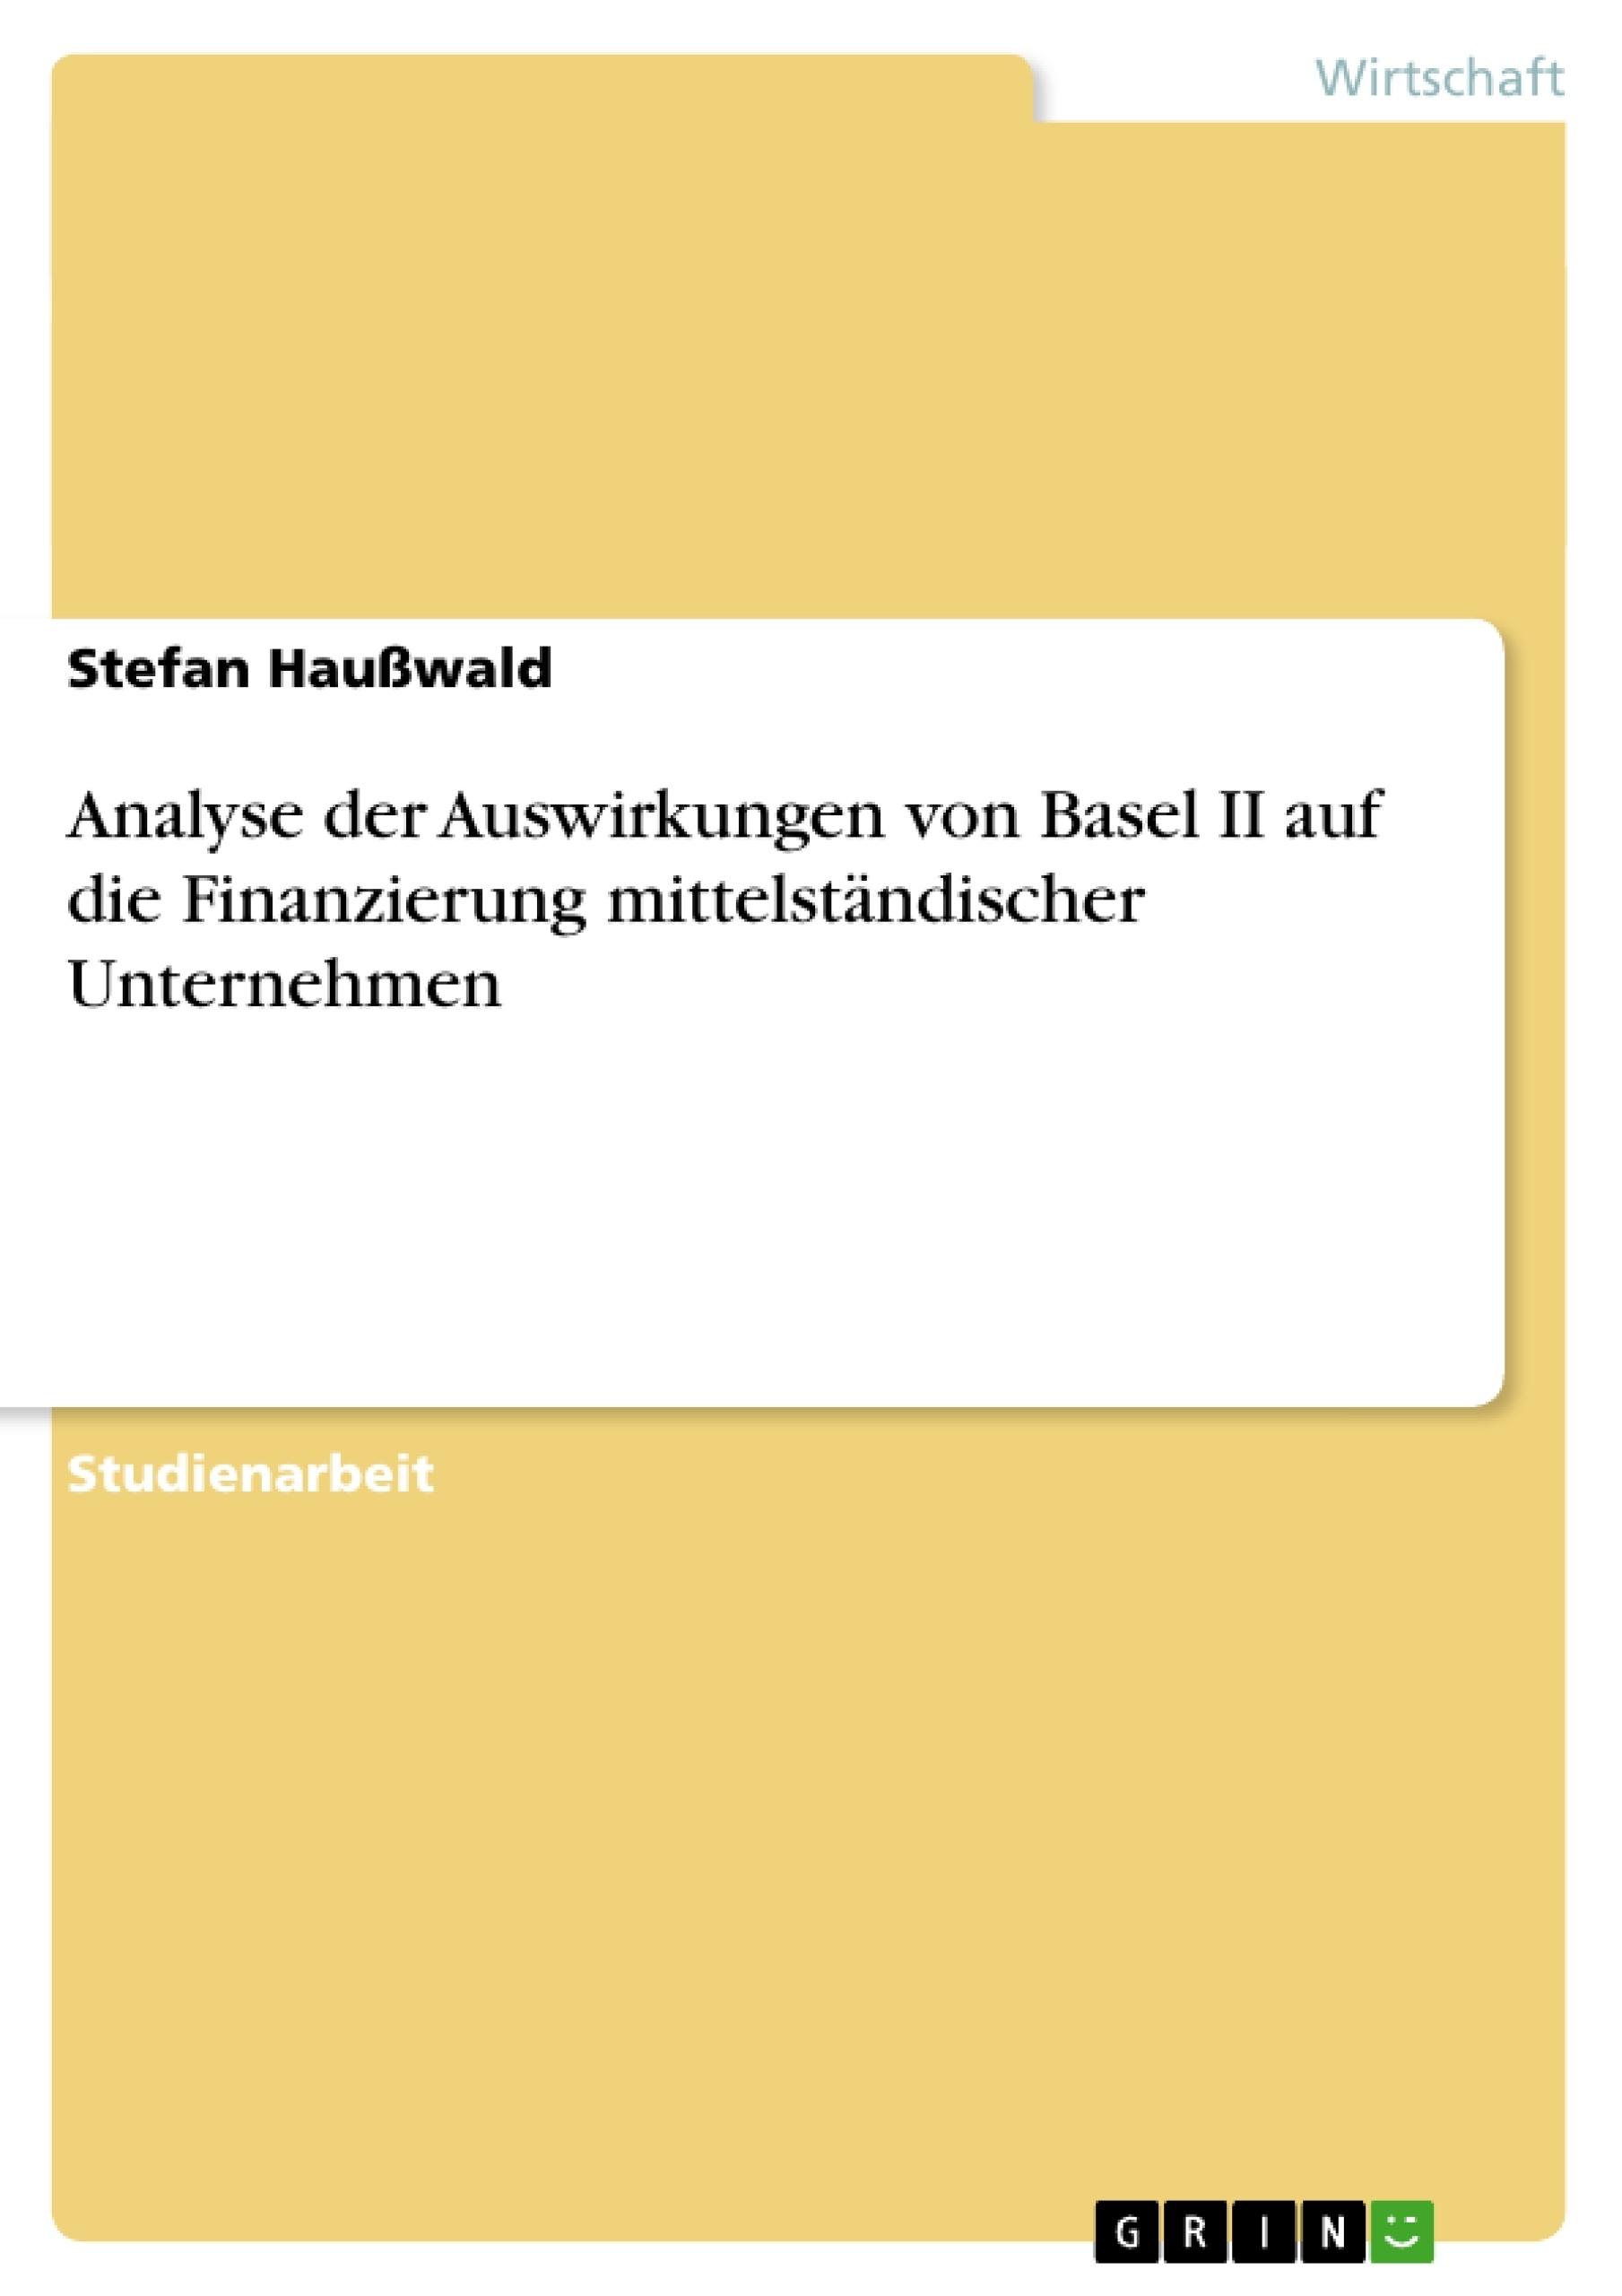 Titel: Analyse der Auswirkungen von Basel II auf die Finanzierung mittelständischer Unternehmen